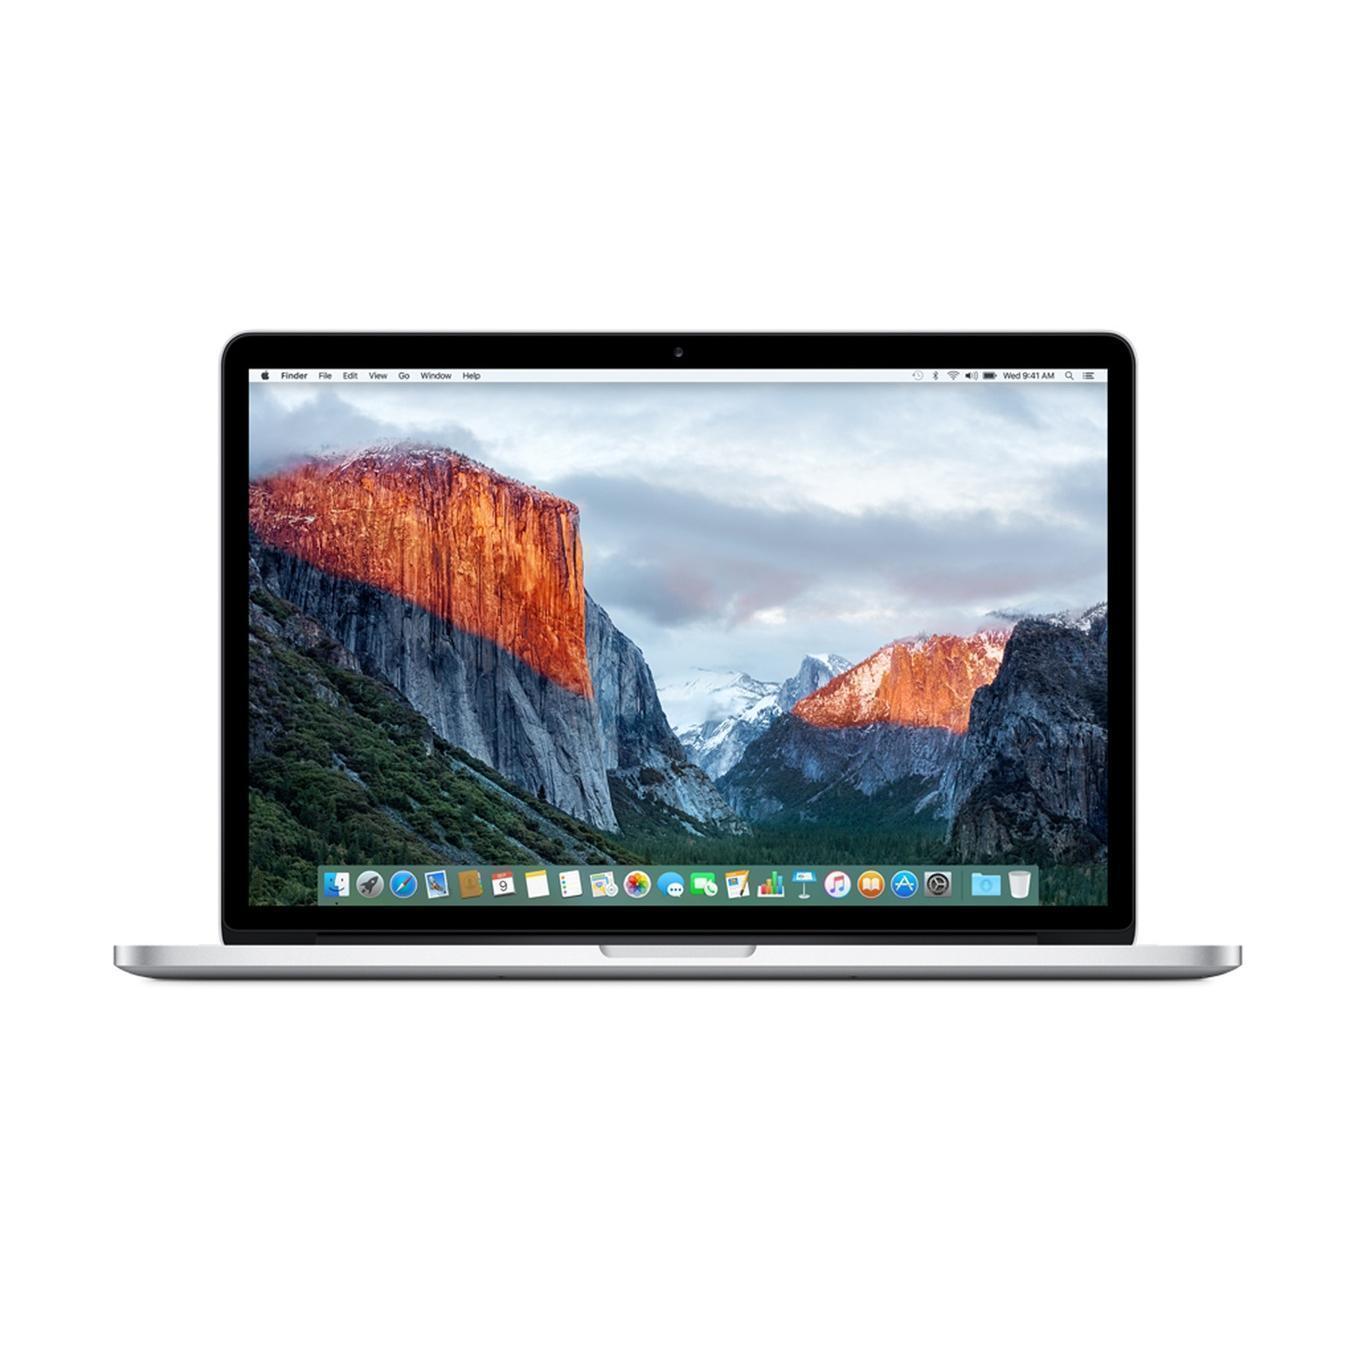 MacBook Pro Retina 15,4-tum (2013) - Core i7 - 8GB - SSD 128 GB QWERTY - Engelska (USA)